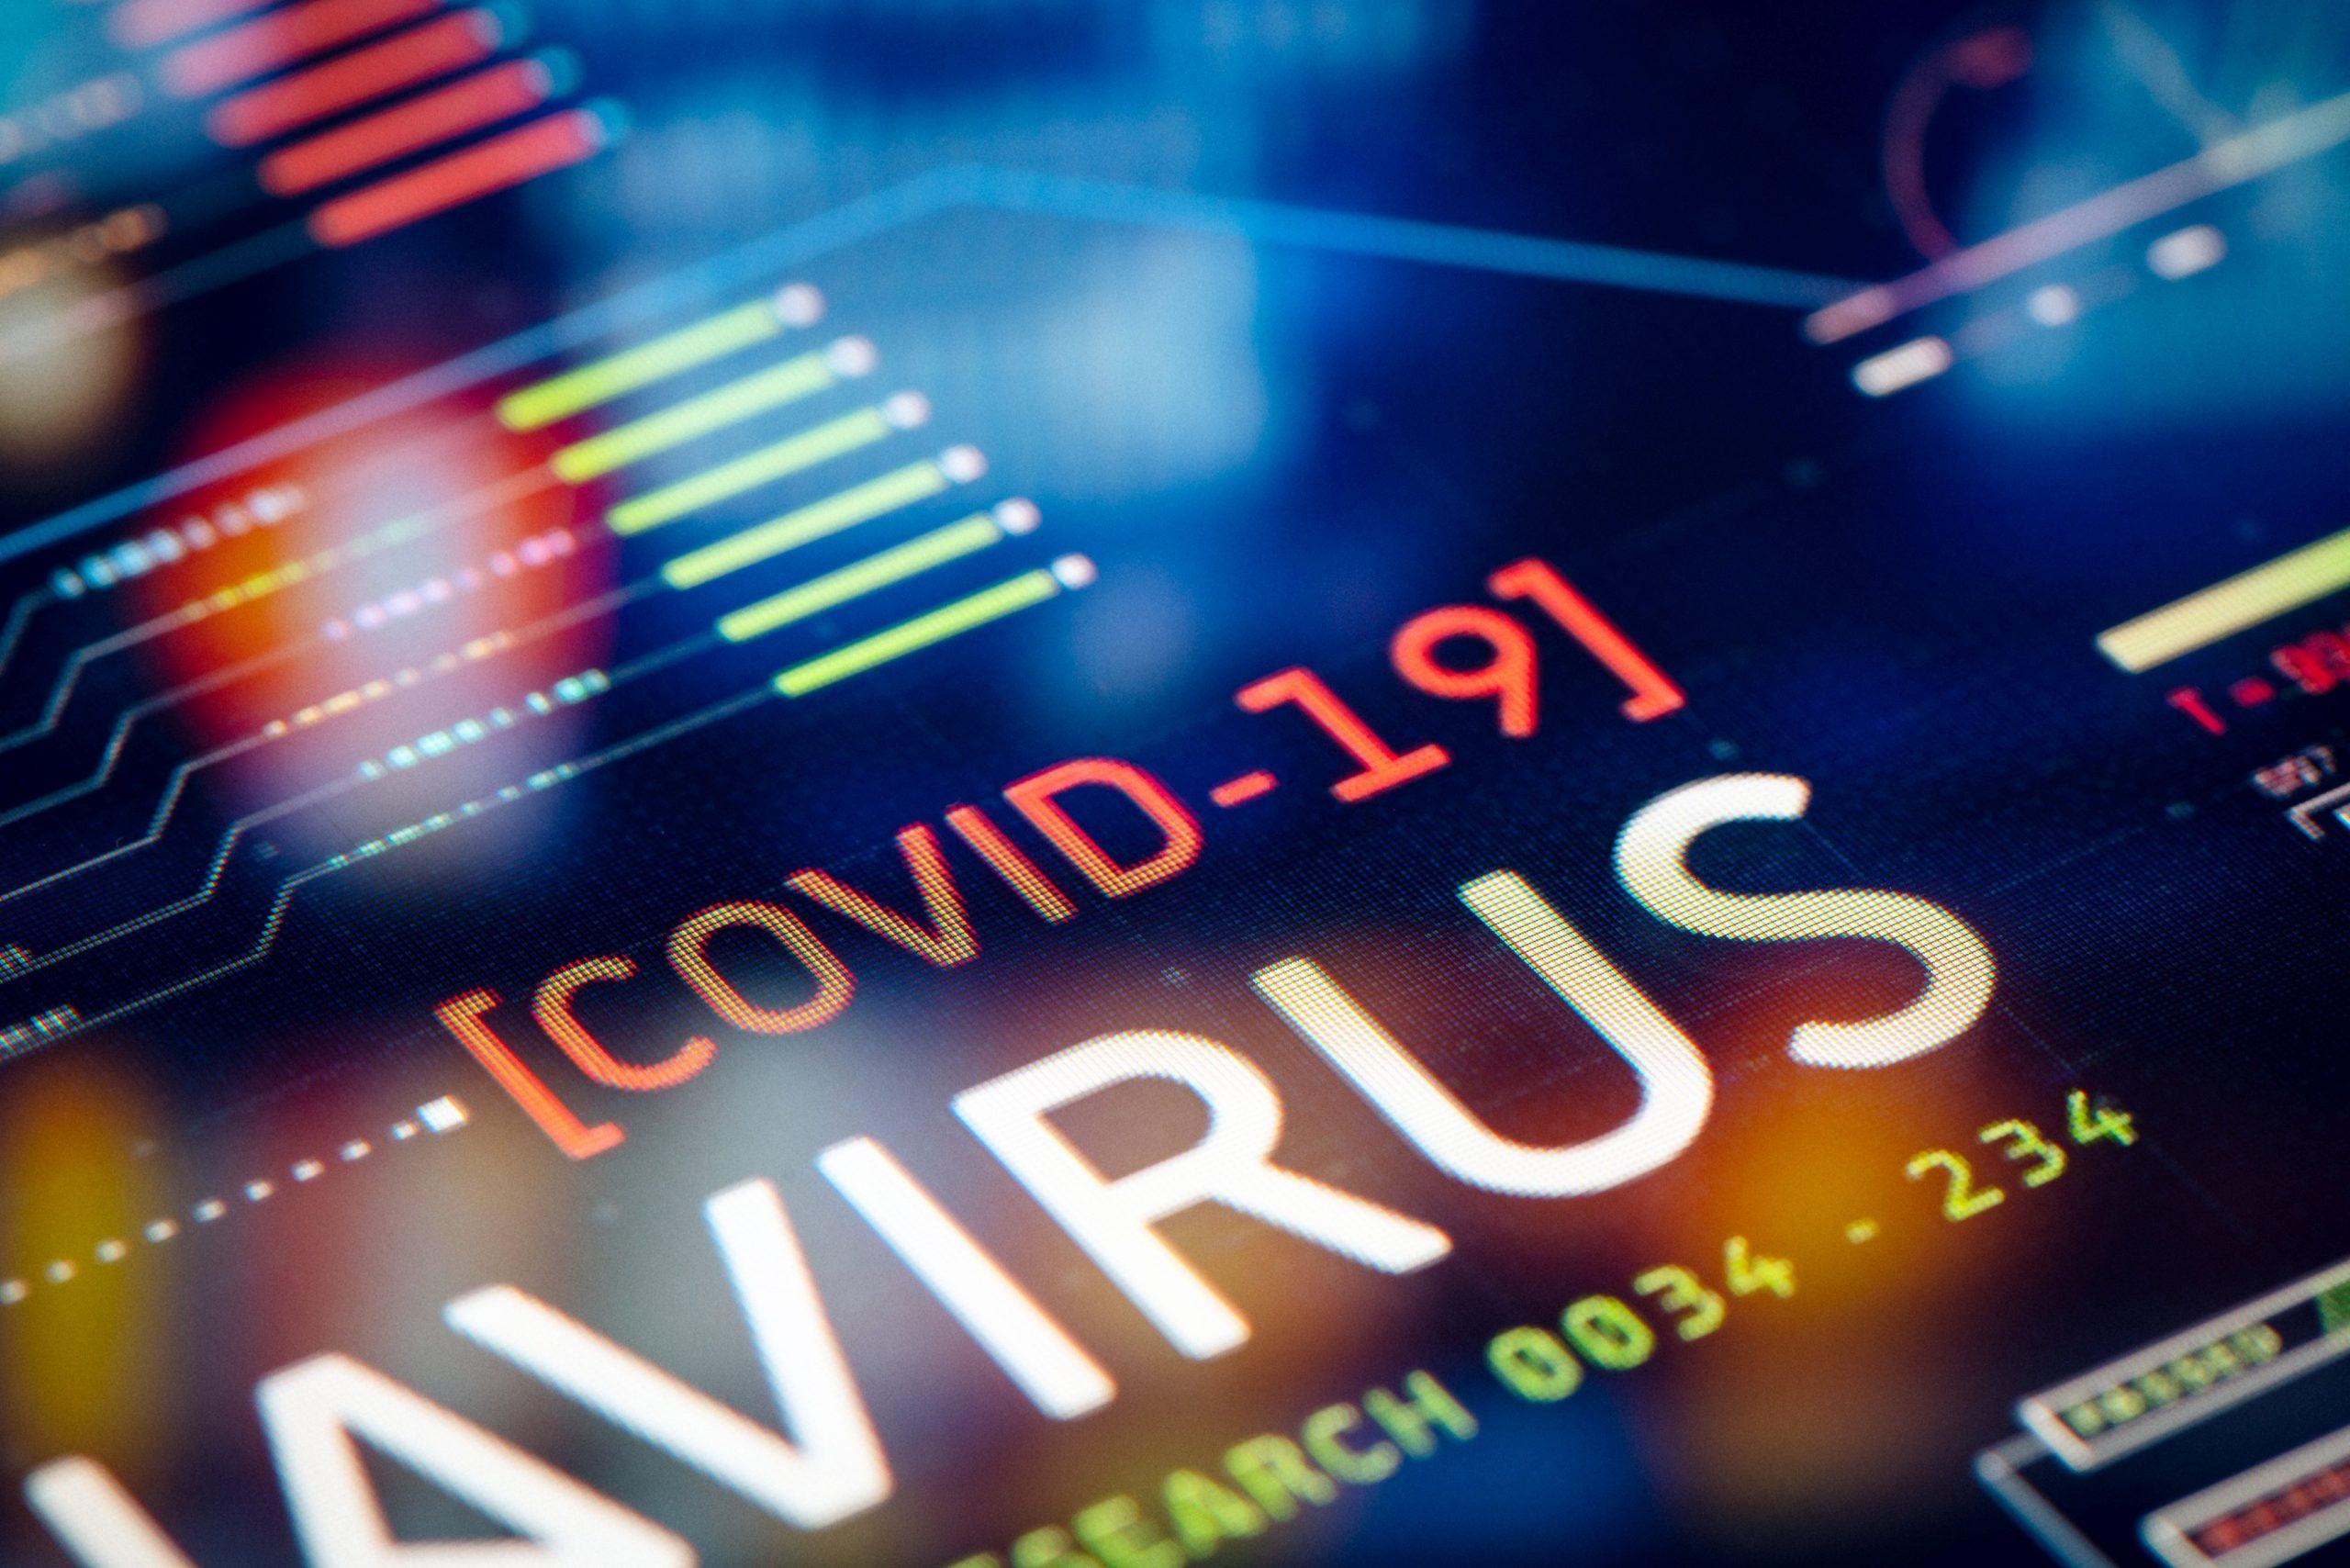 Schréder Group Suspends Production Due Do Coronavirus Outbreak